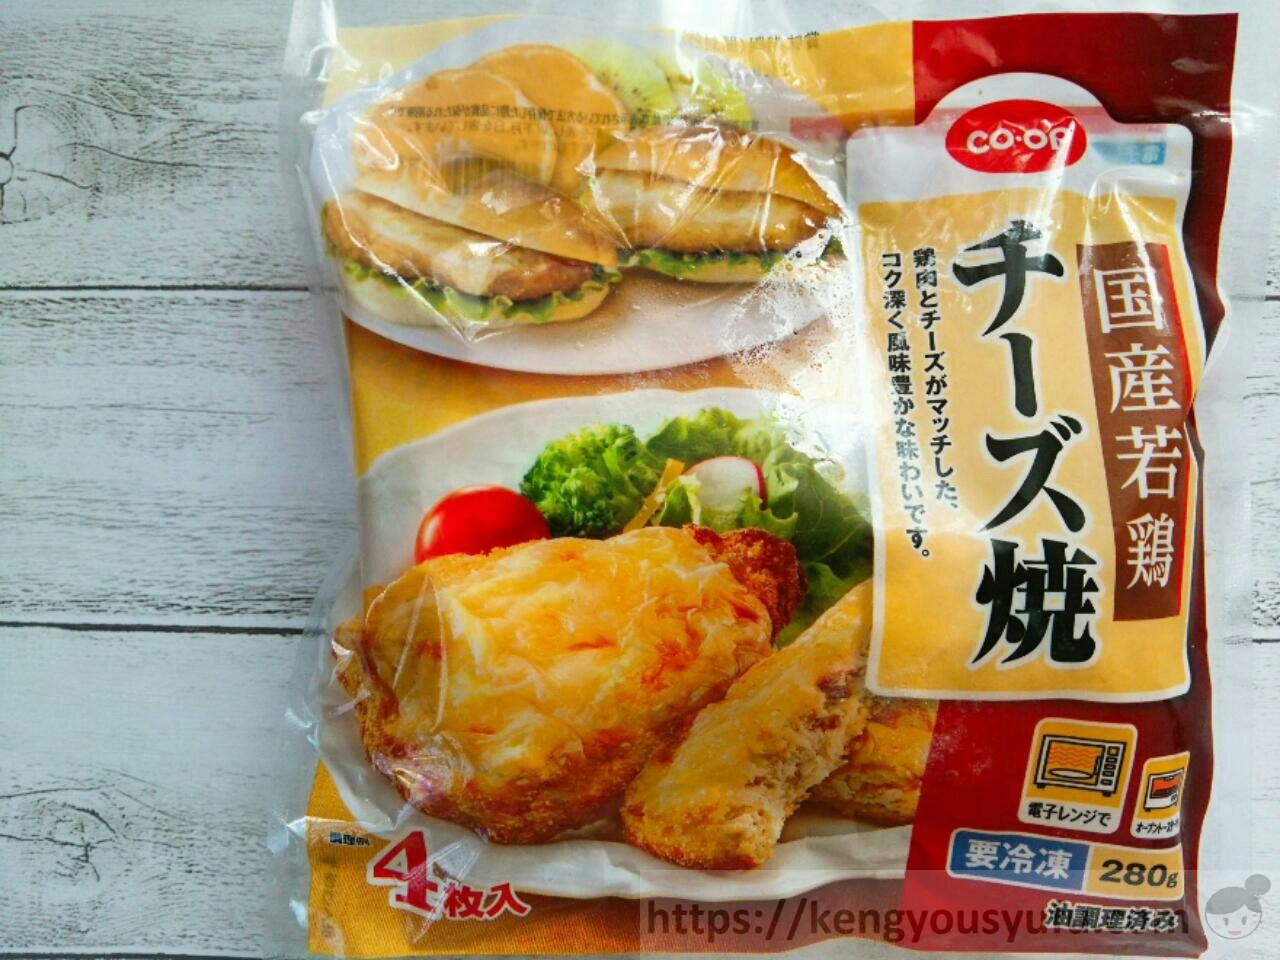 コープの国産若鶏チーズ焼き チーズはあっさり